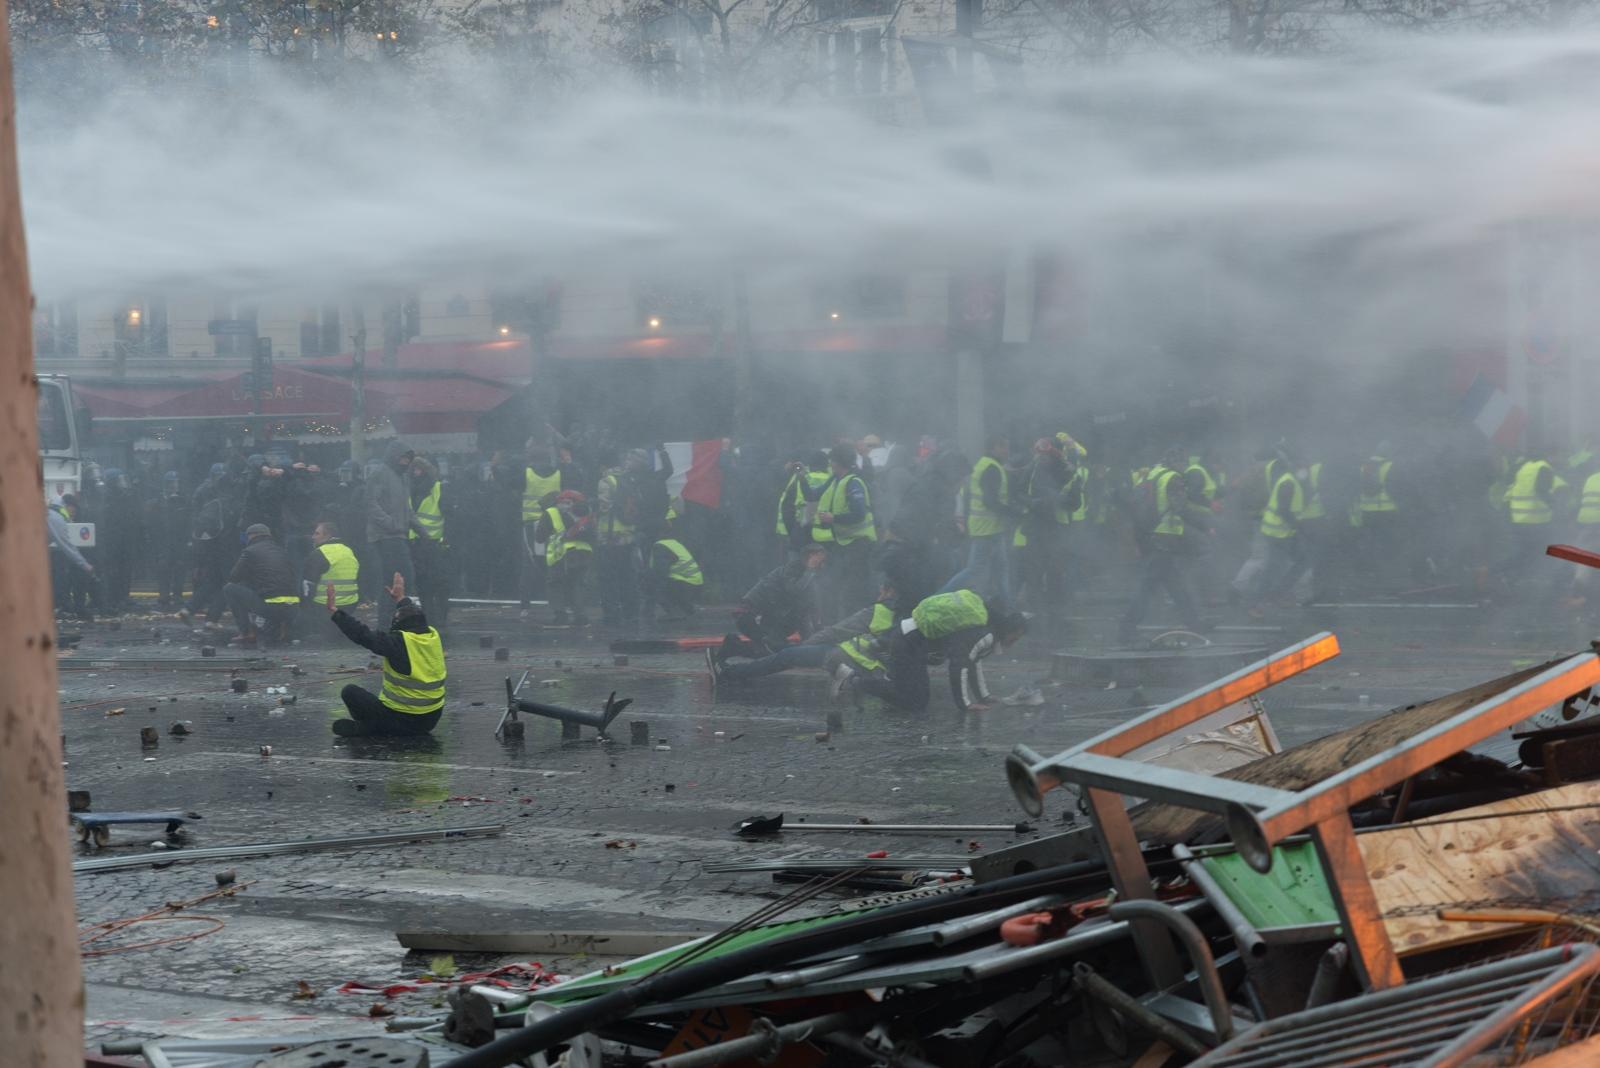 Dès les premières manifestations les forces de police ont utilisé des moyens lourds de maintien de l'ordre tels qu'ici les canons à eau. Paris - Acte II - Avenue des Champs Elysée le 24 novembre 2018